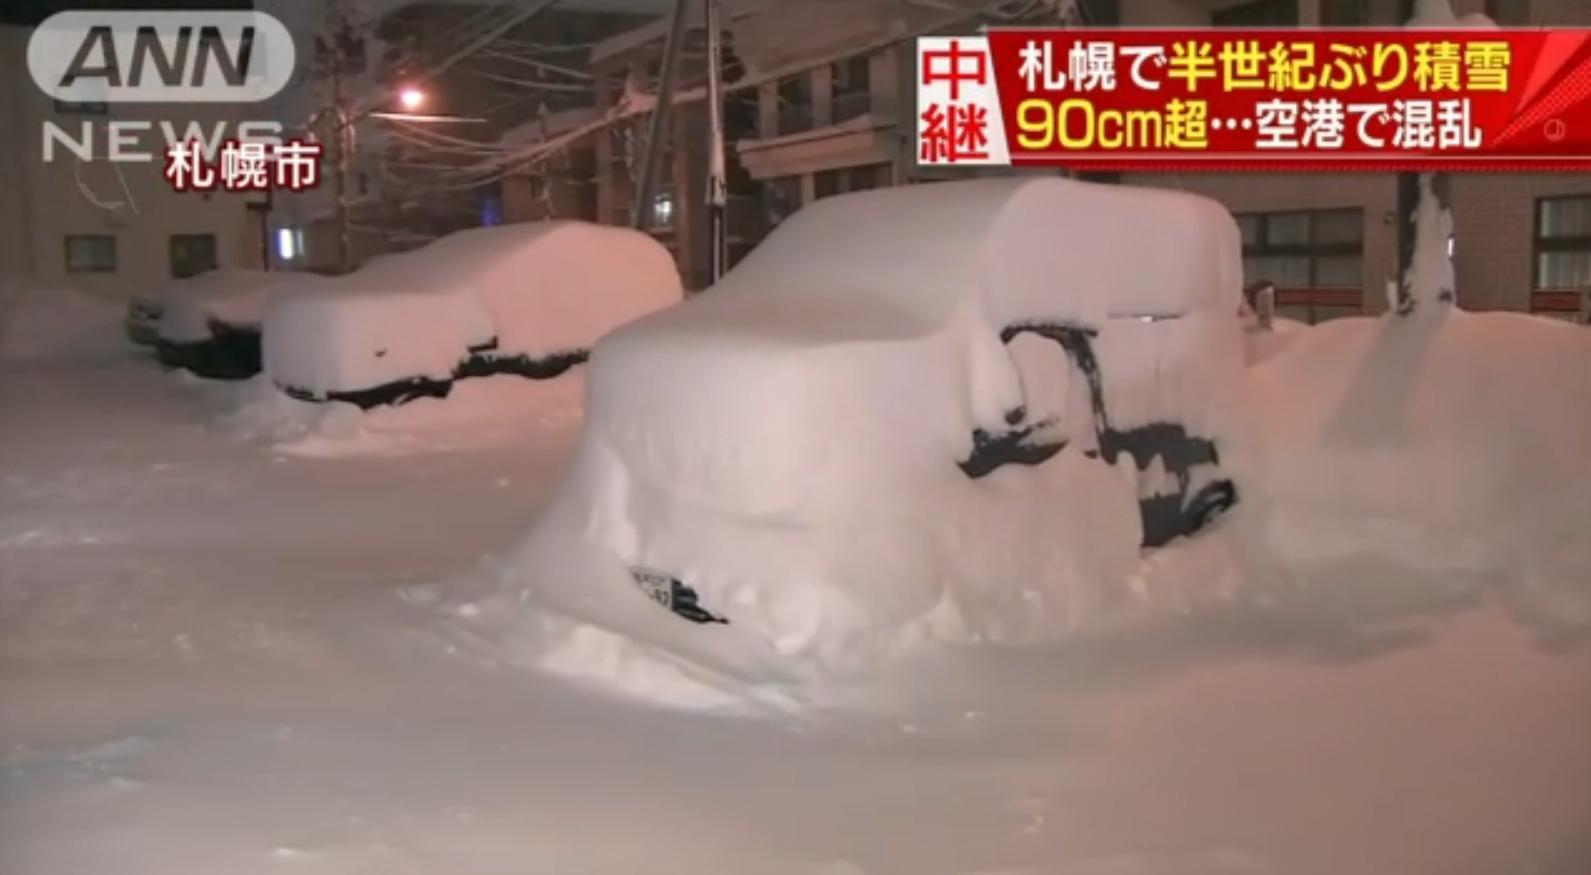 北海道ドカ雪クリスマス